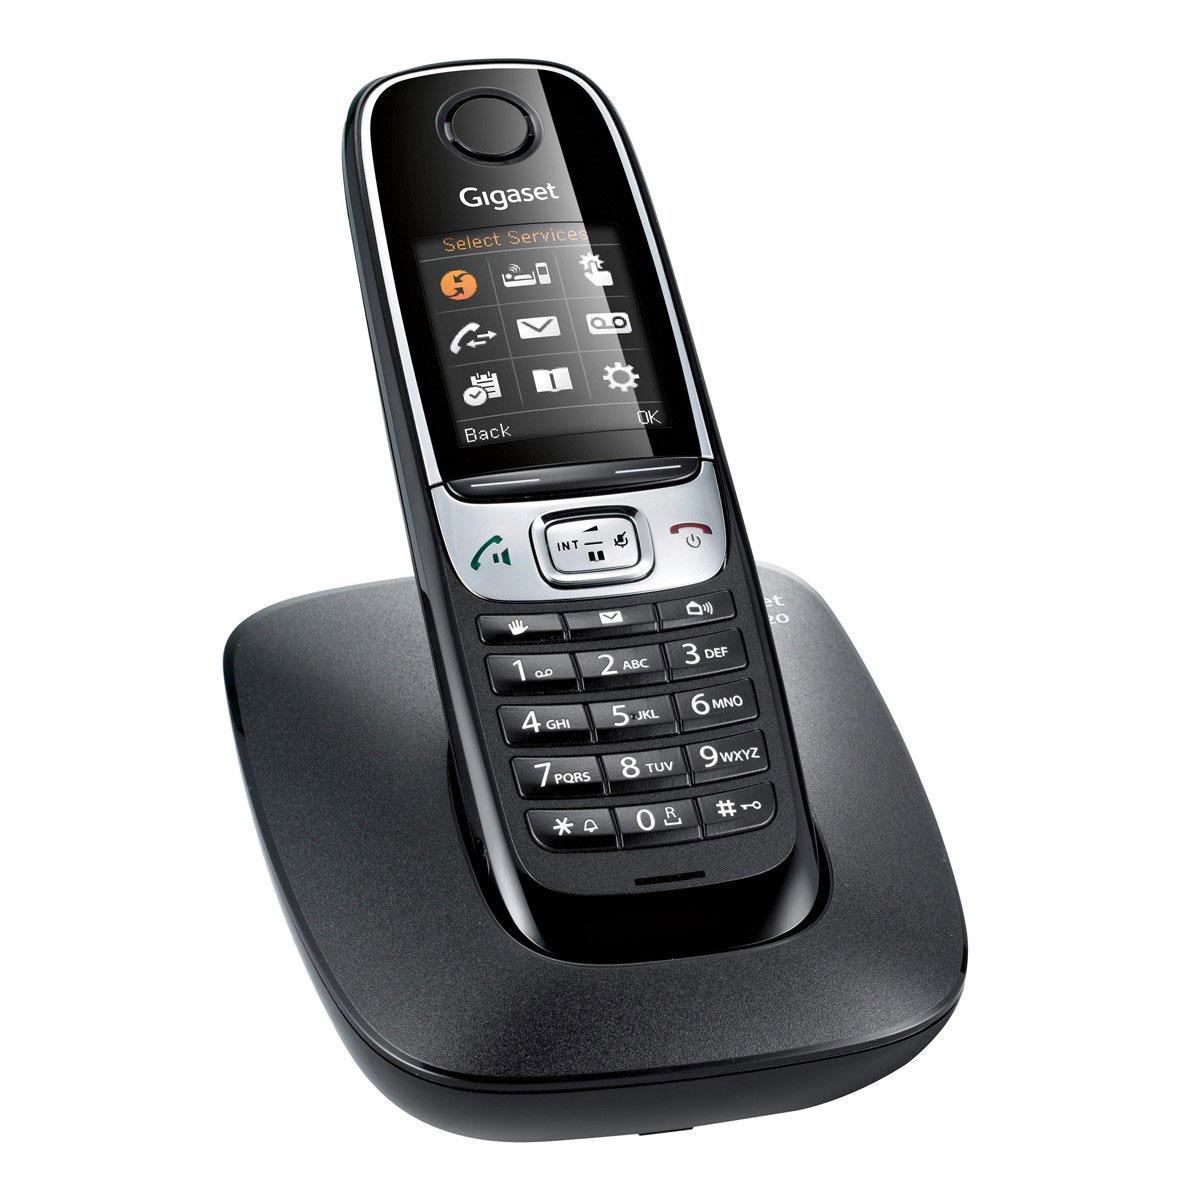 gigaset c620 noir t l phone sans fil gigaset sur ldlc. Black Bedroom Furniture Sets. Home Design Ideas